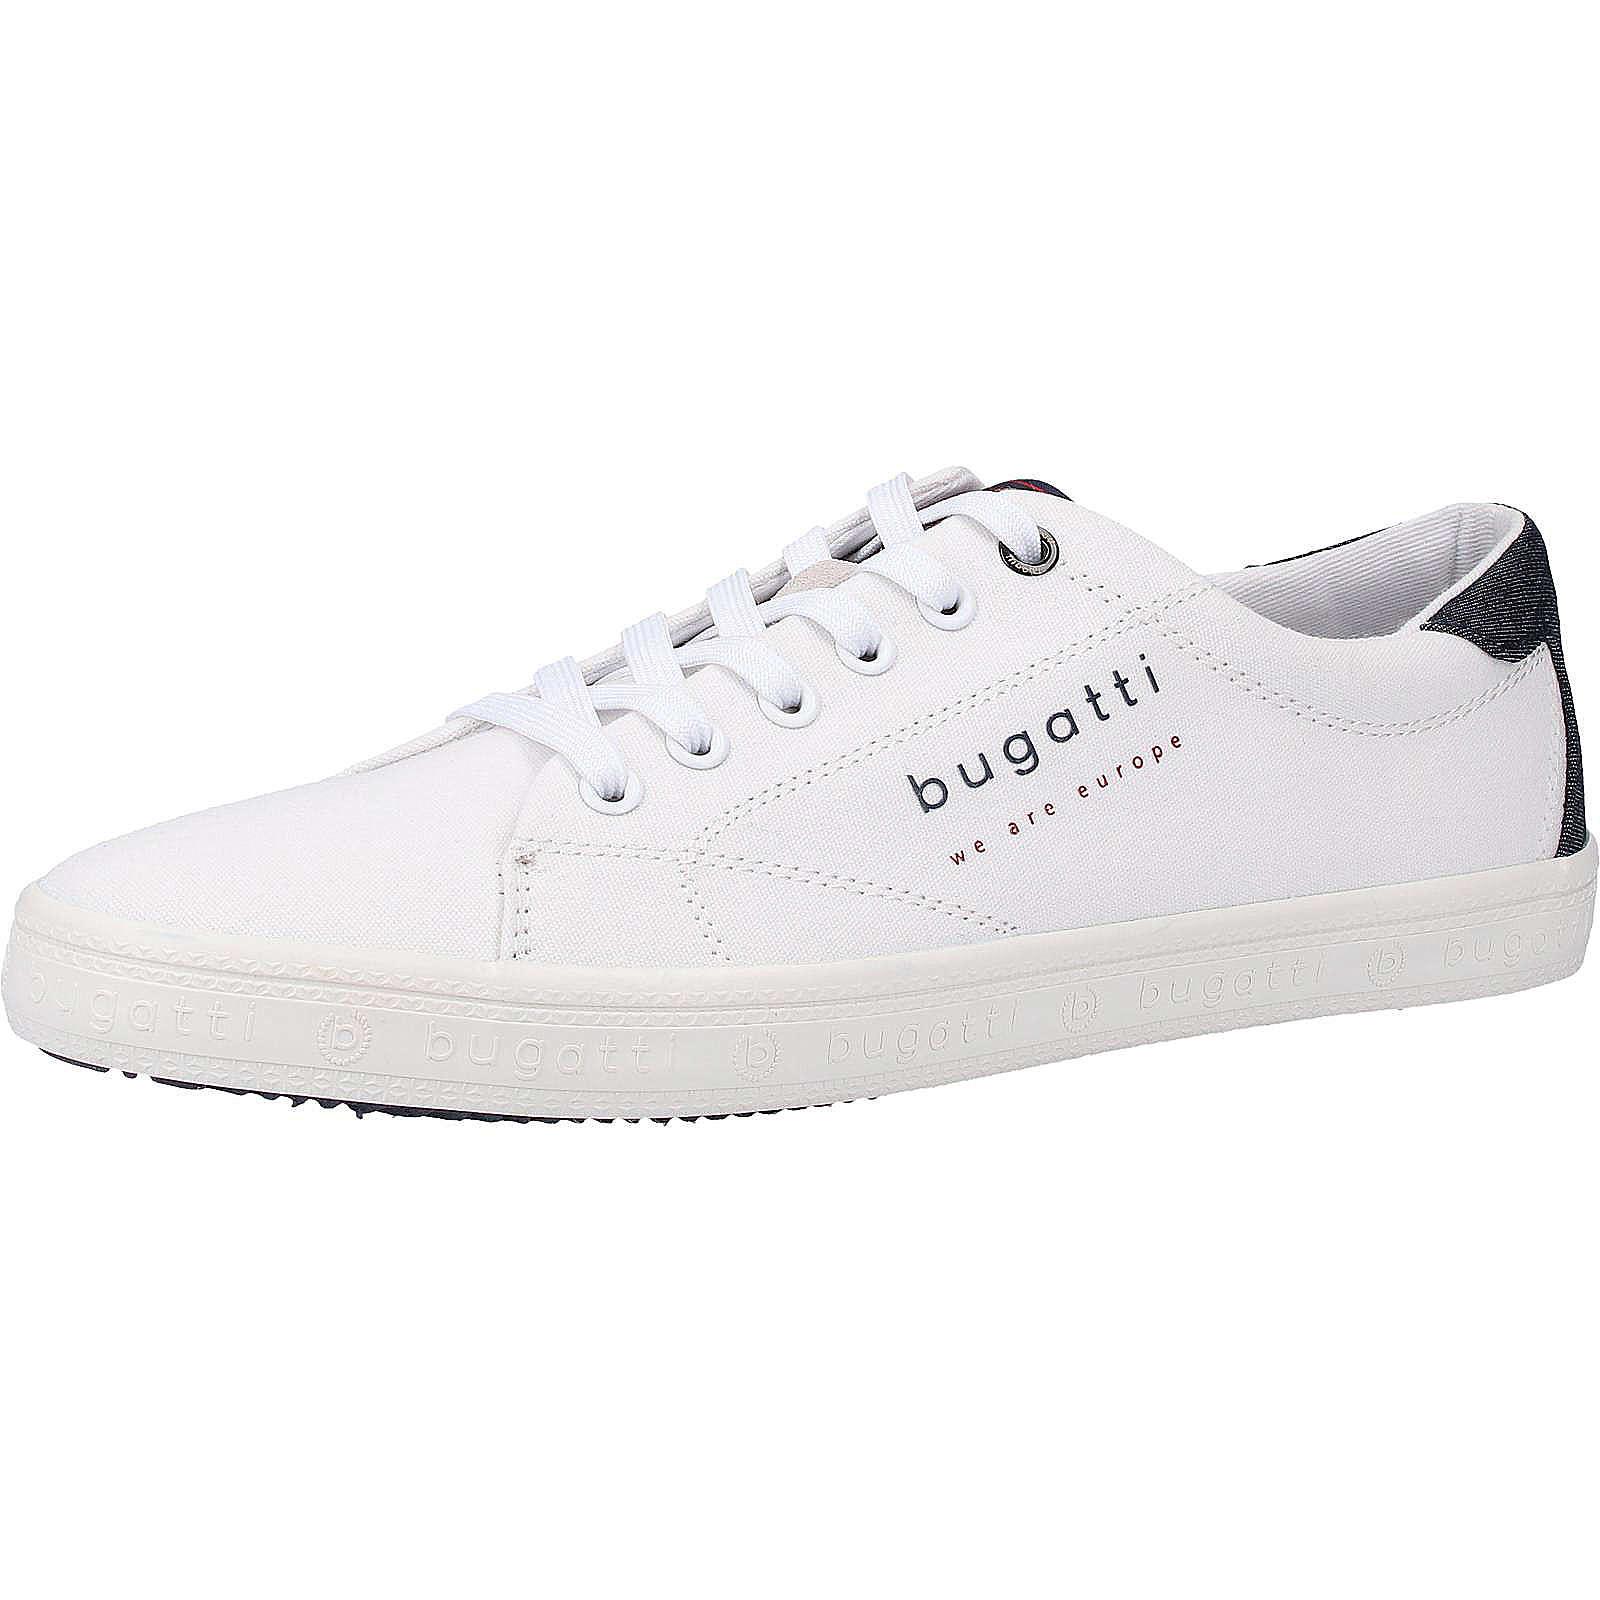 bugatti Sneaker Sneakers Low weiß Herren Gr. 44